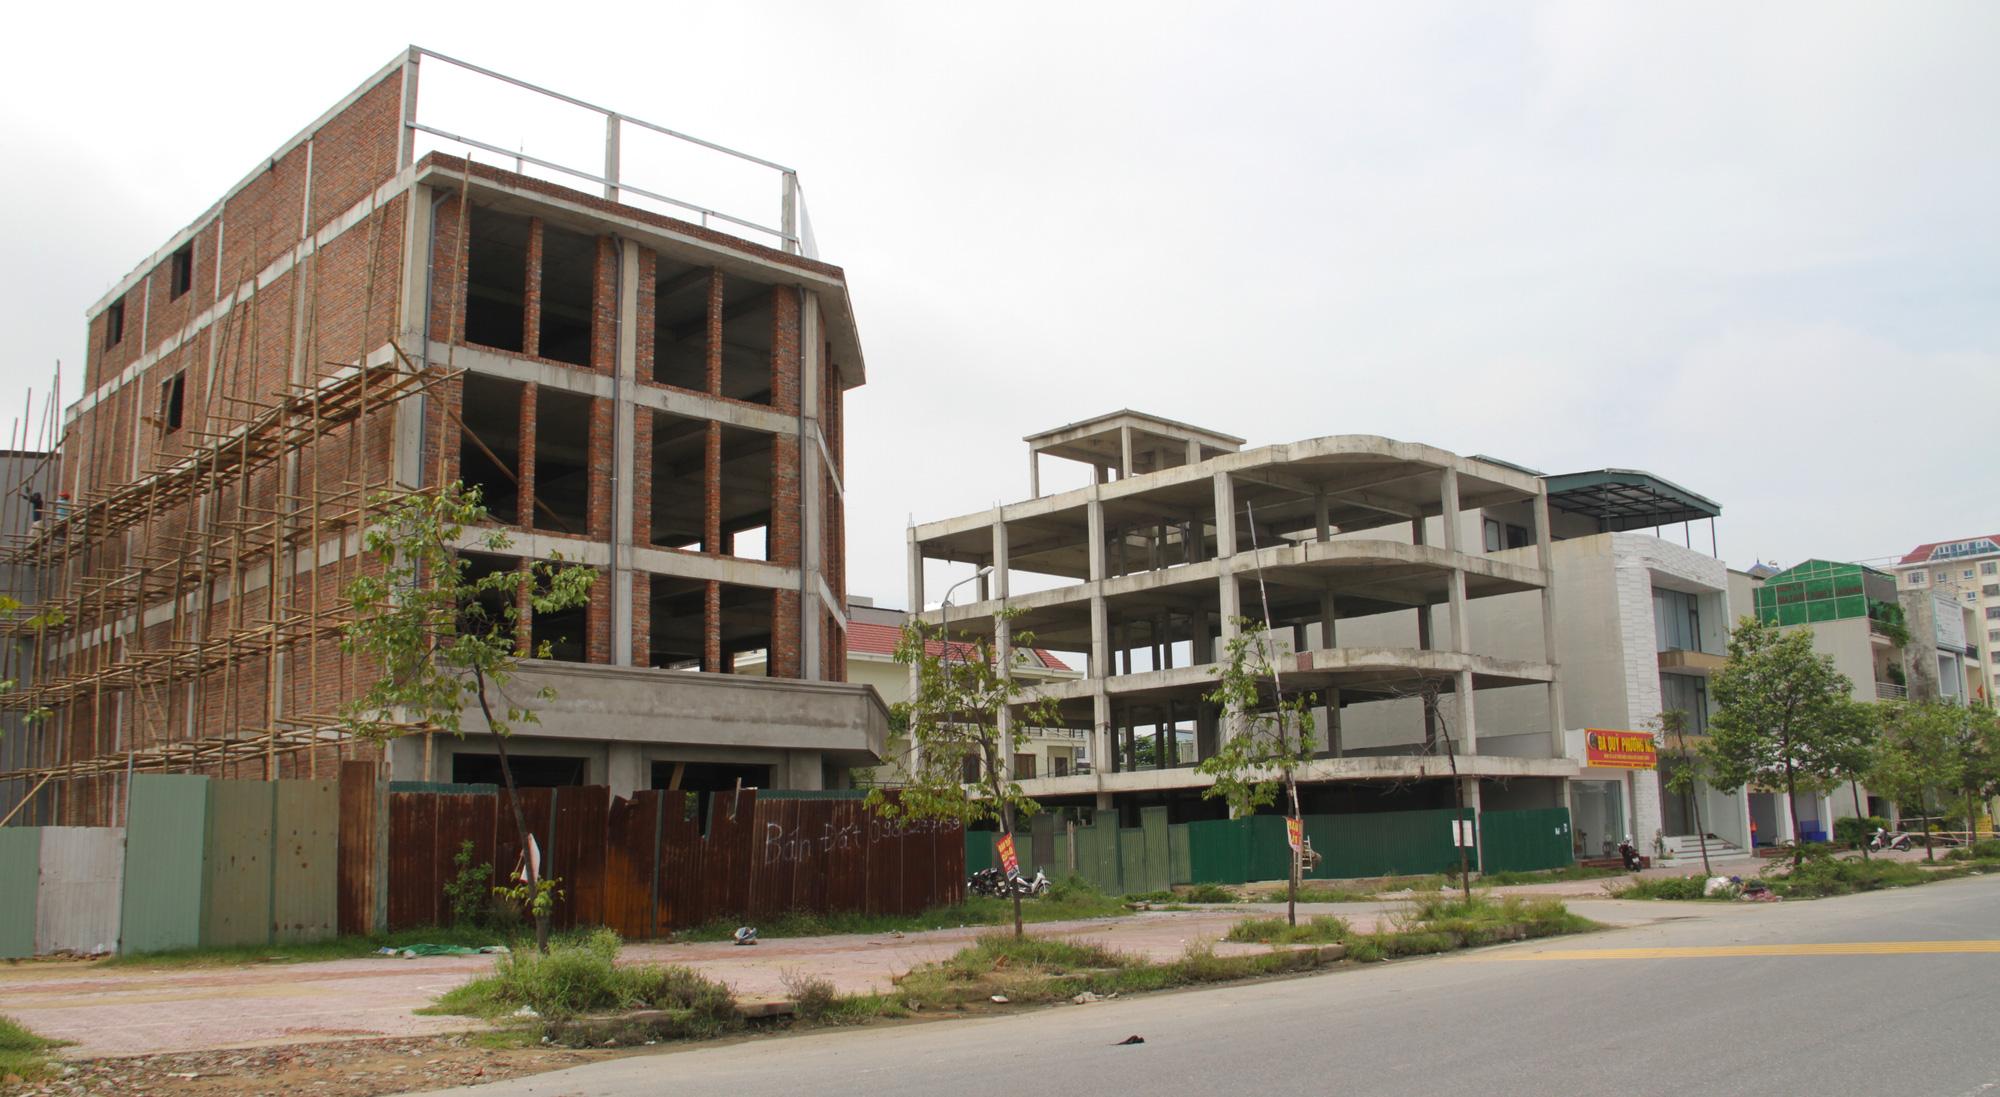 Cận cảnh khu đô thị vip ở Nghệ An khiến 2 vợ chồng đại gia bị bắt giam - Ảnh 7.